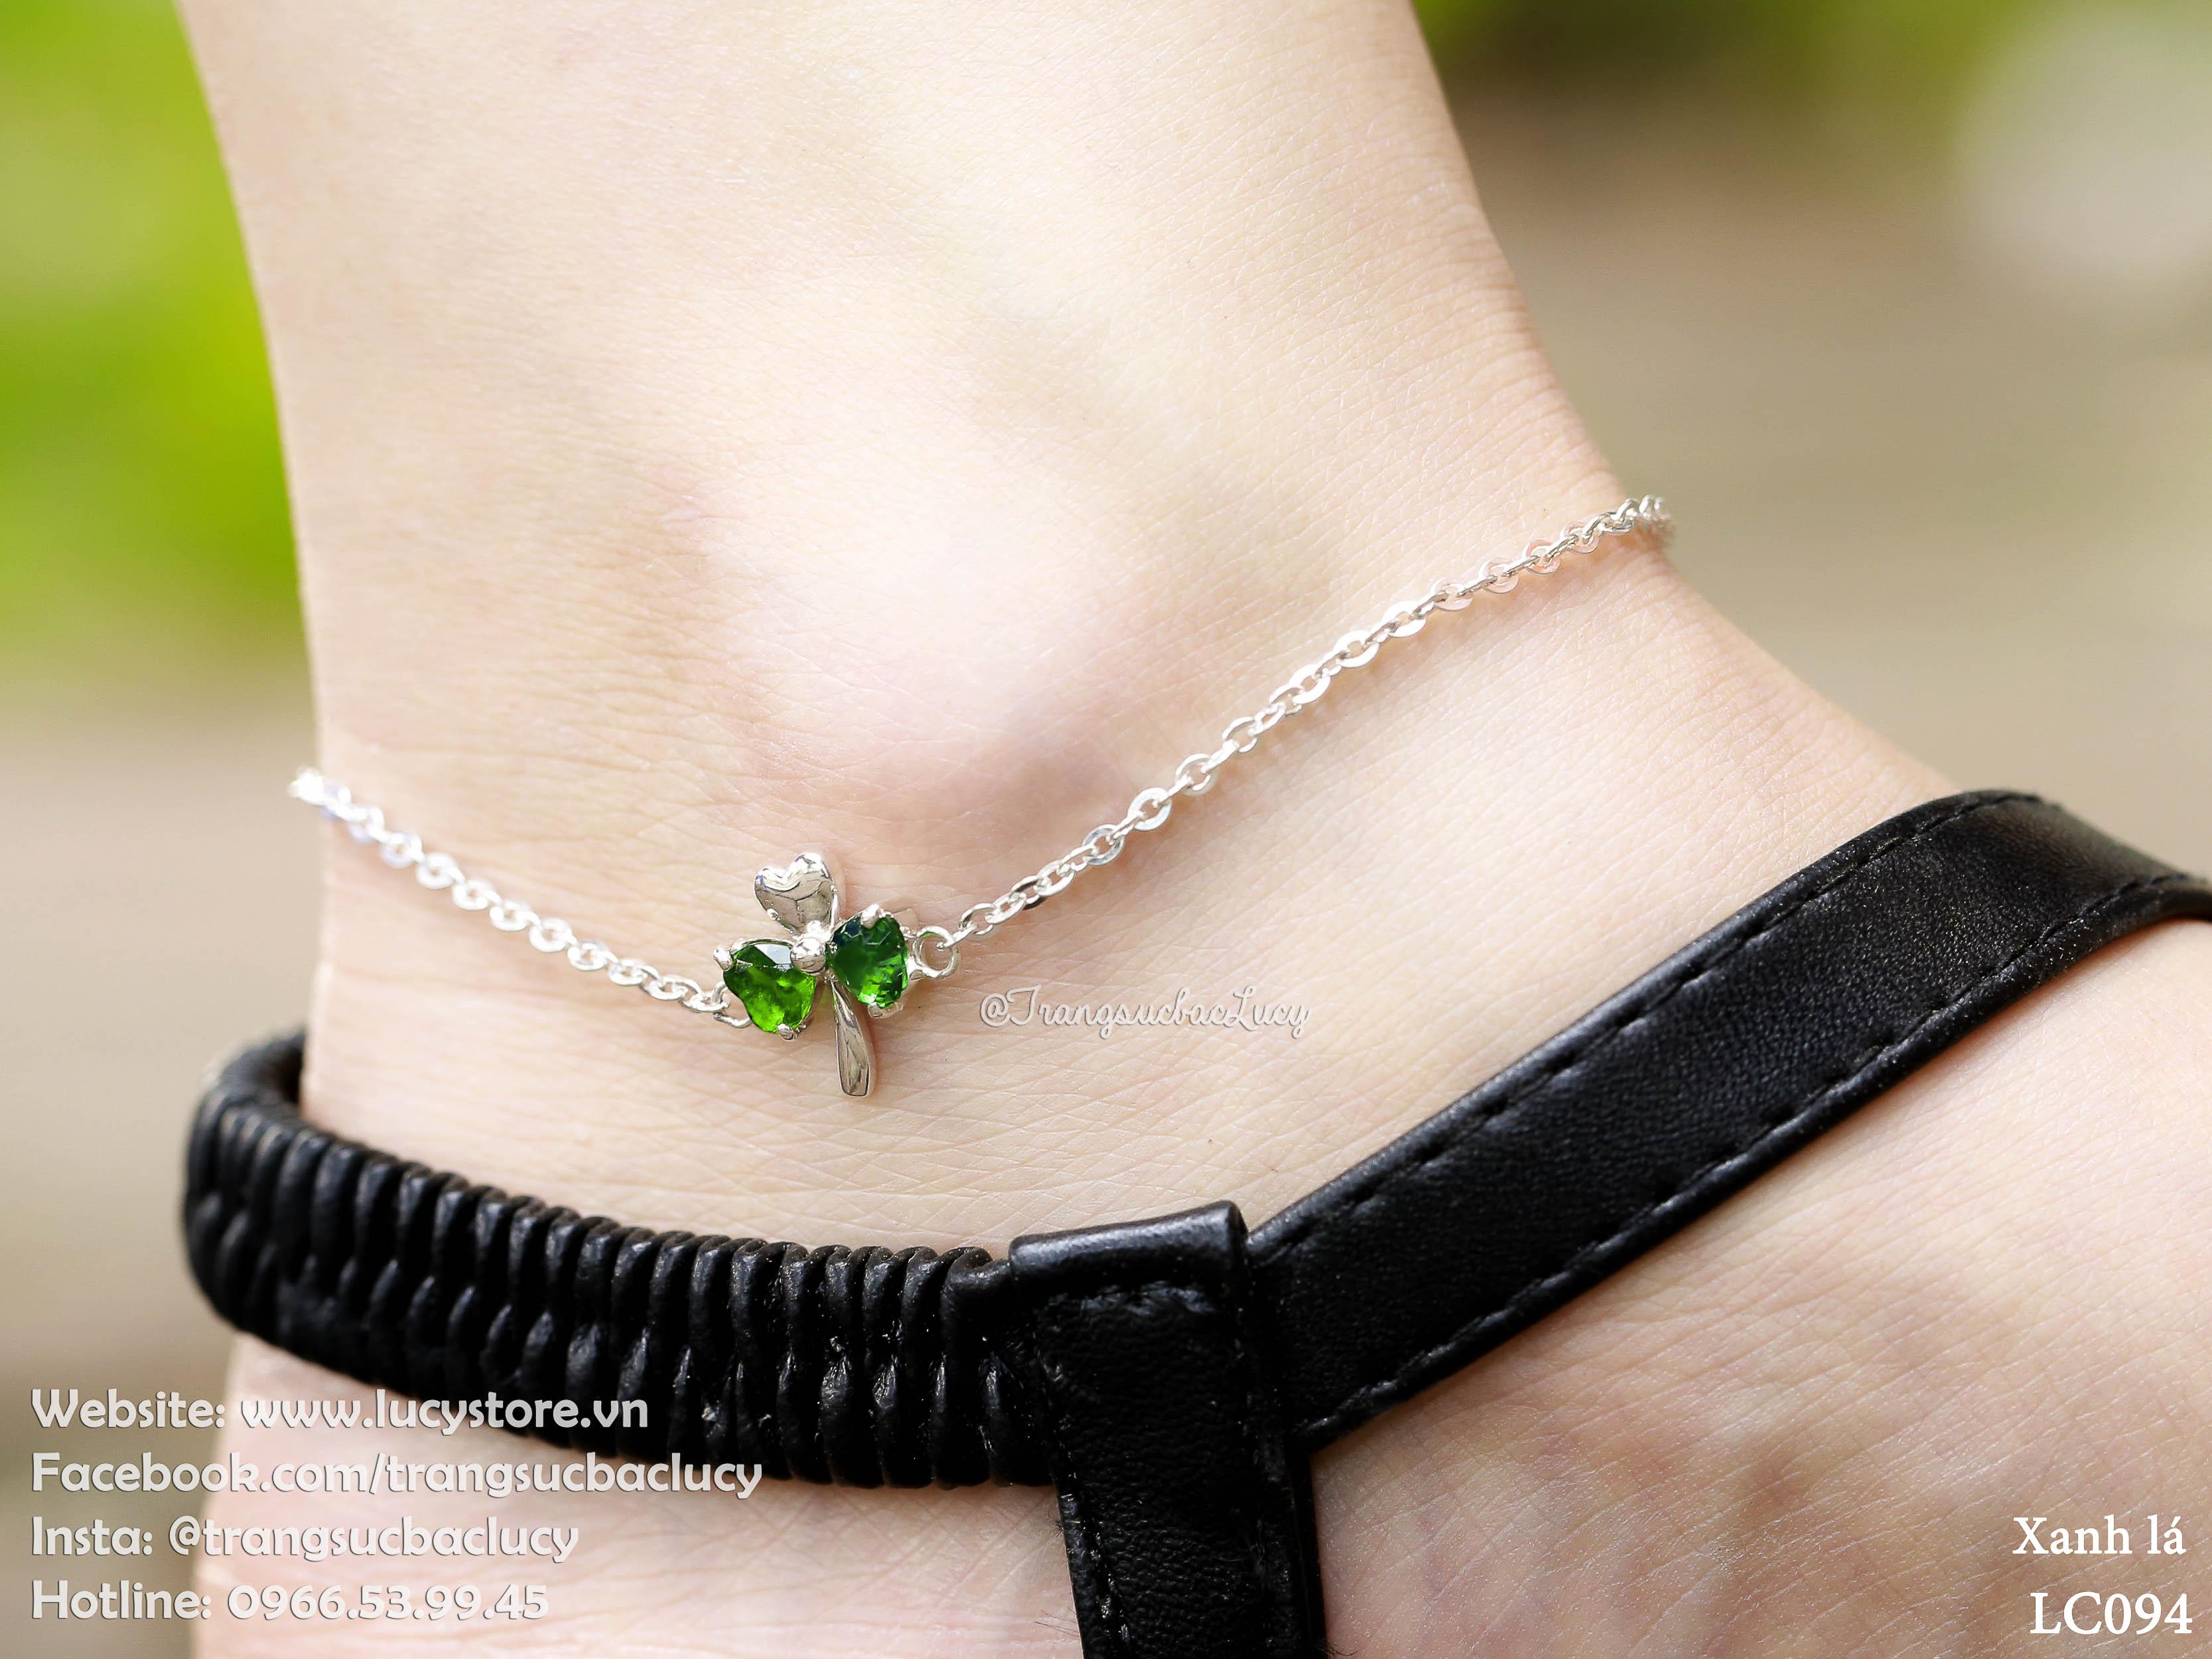 Lắc chân cỏ 3 lá đá xanh lá cây - LC094_XANHLA (hàng order)